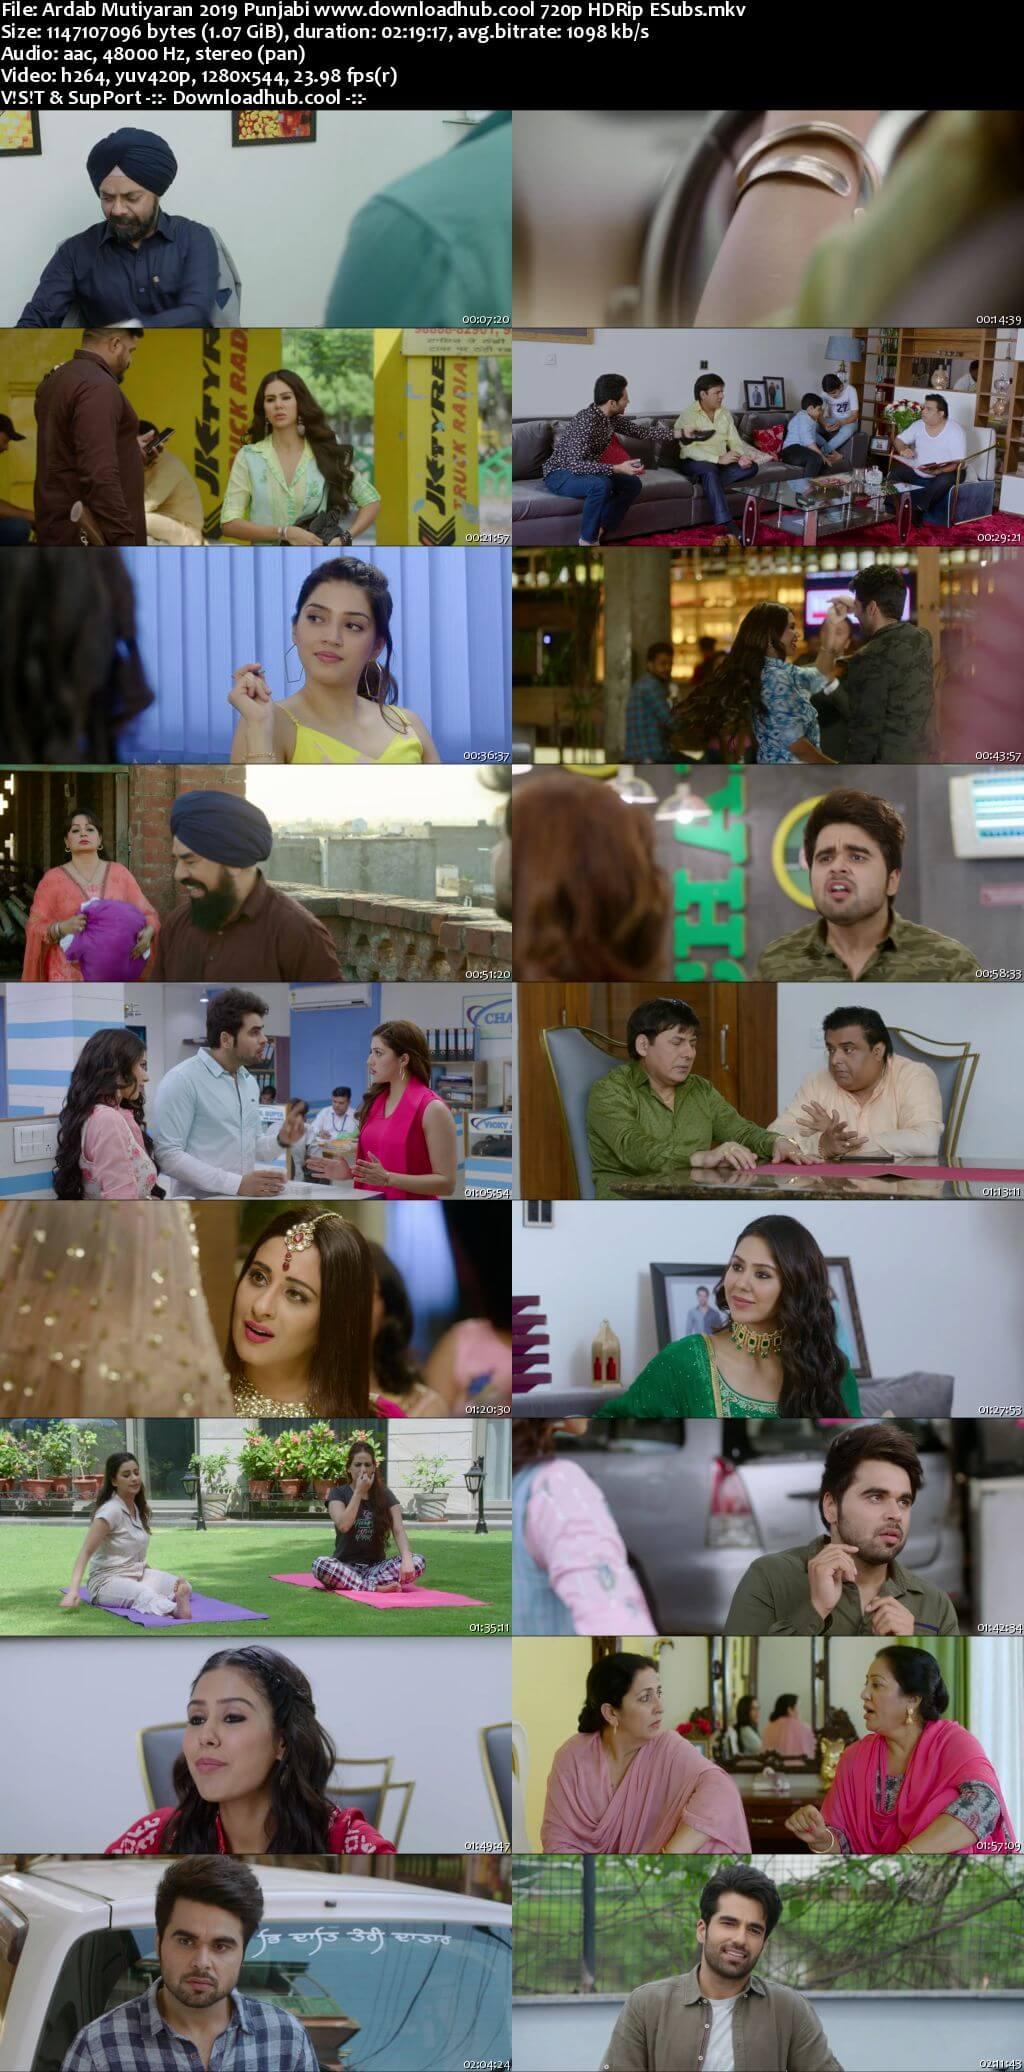 Ardab Mutiyaran 2019 Punjabi 720p HDRip ESubs